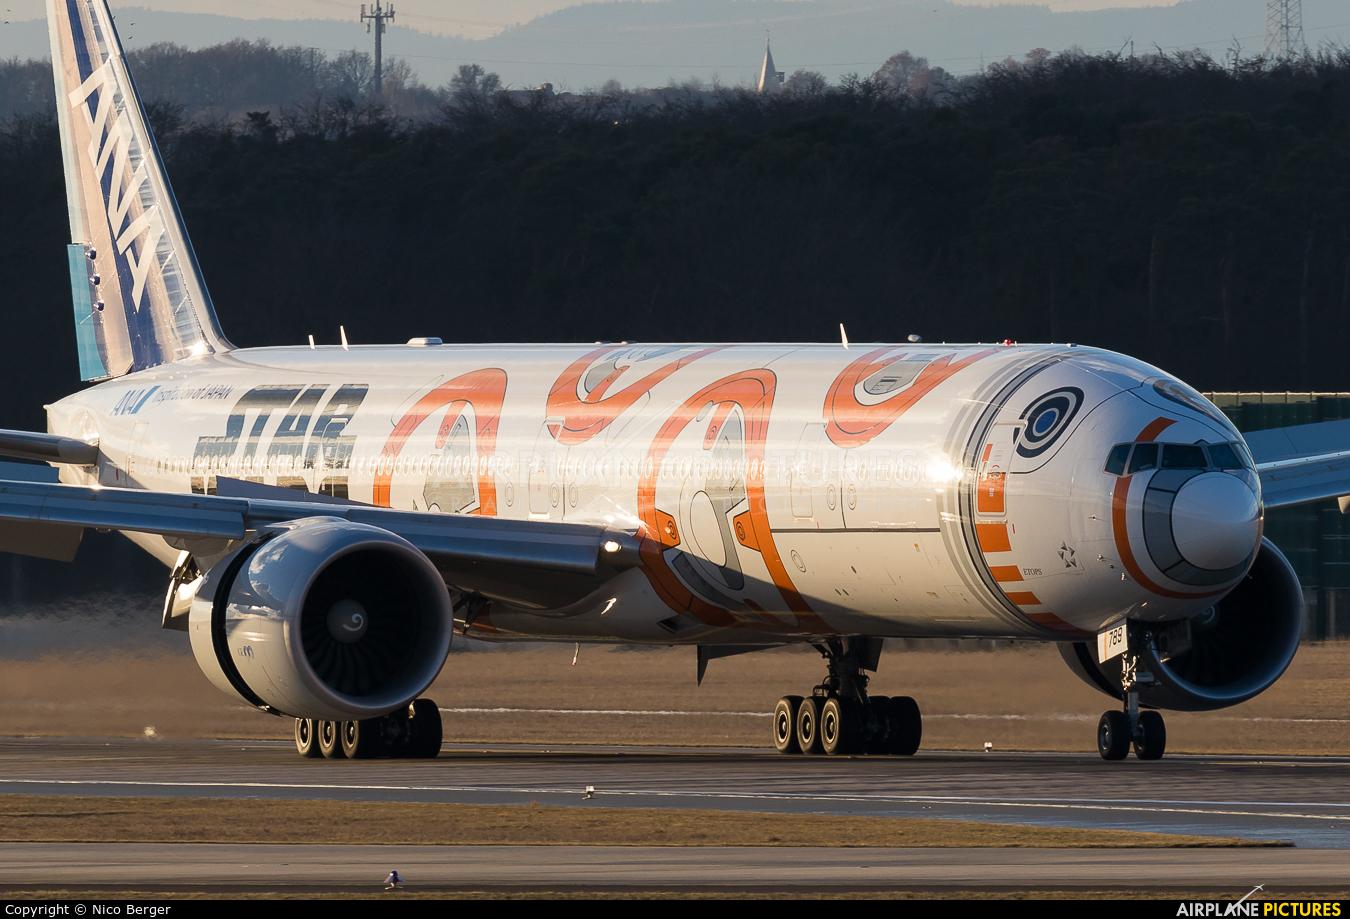 ANA - All Nippon Airways JA789A aircraft at Frankfurt